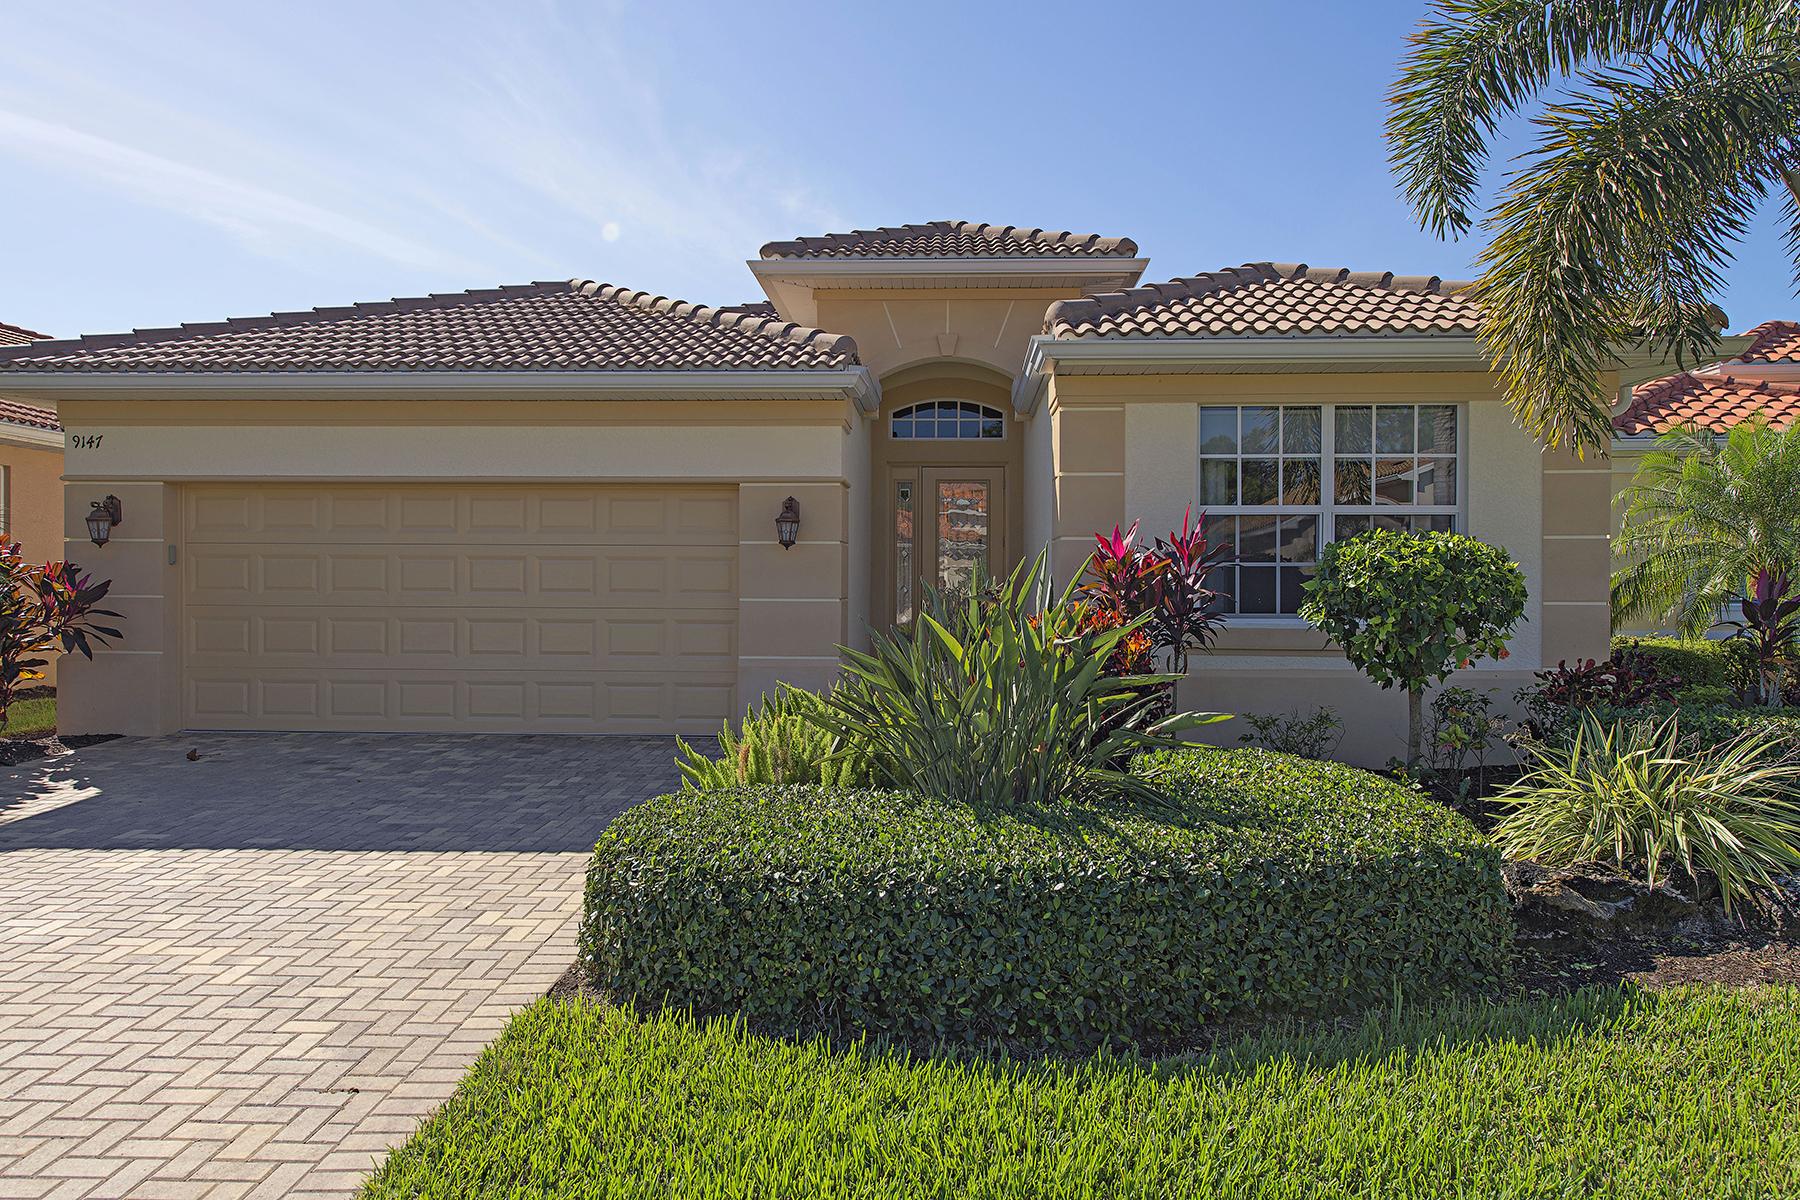 Casa Unifamiliar por un Venta en THE RESERVE AT ESTERO 9147 Astonia Way Estero, Florida, 33967 Estados Unidos